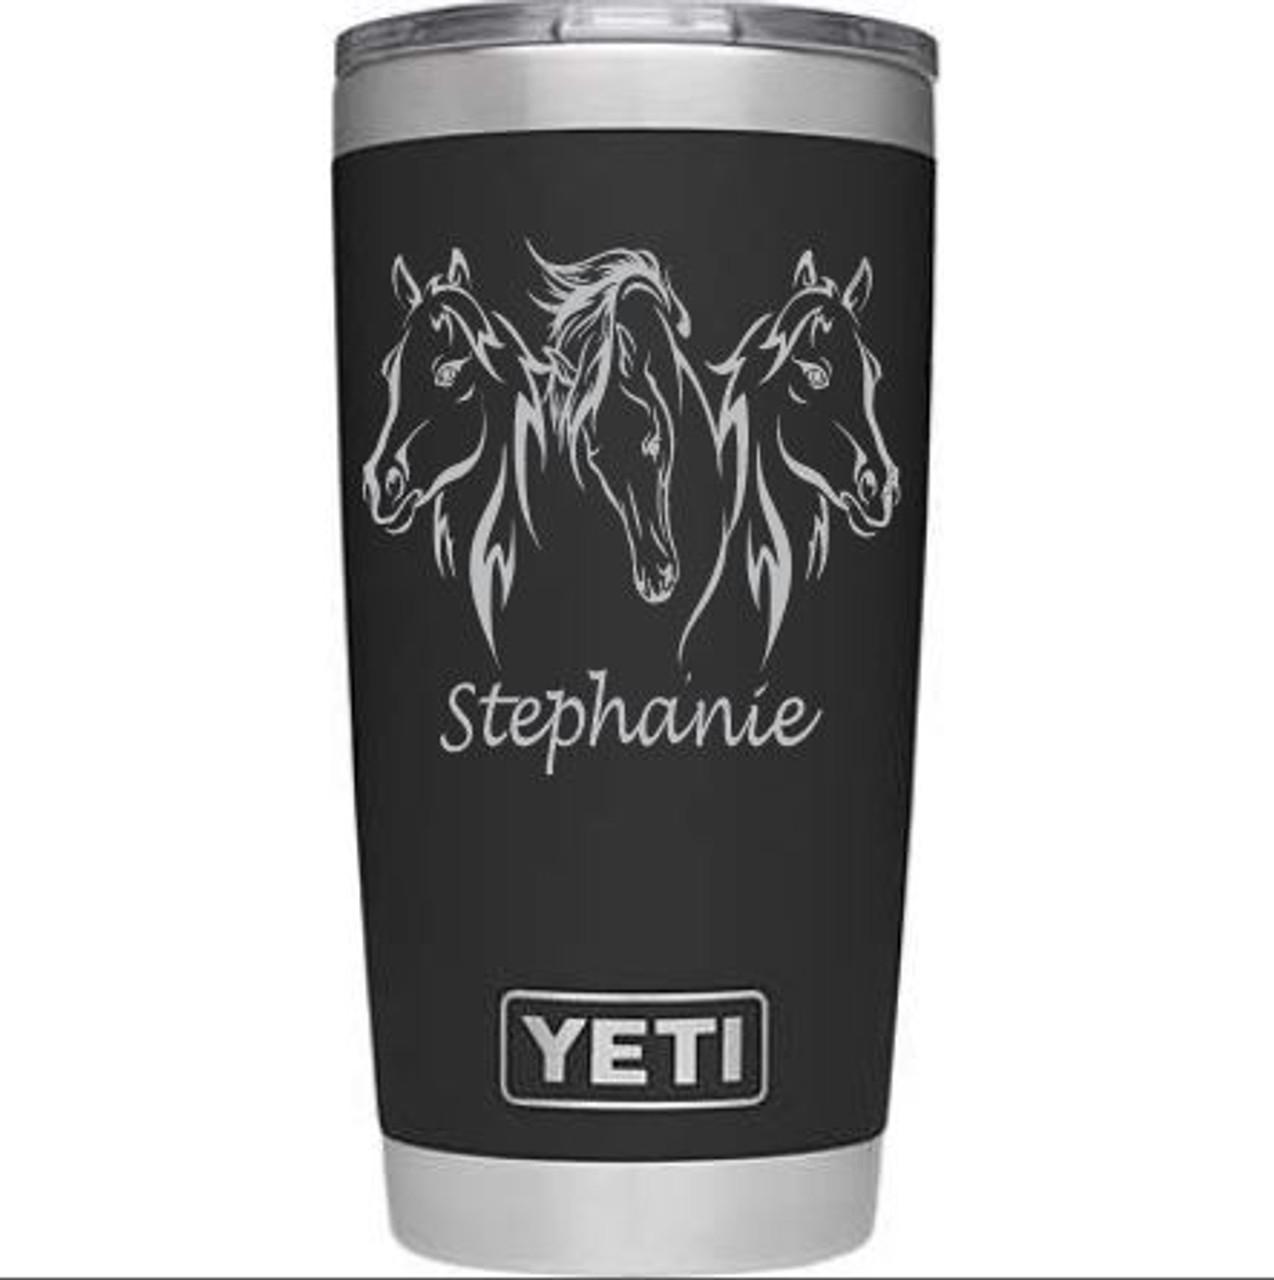 Three Horses Yeti - on 20 oz Rambler